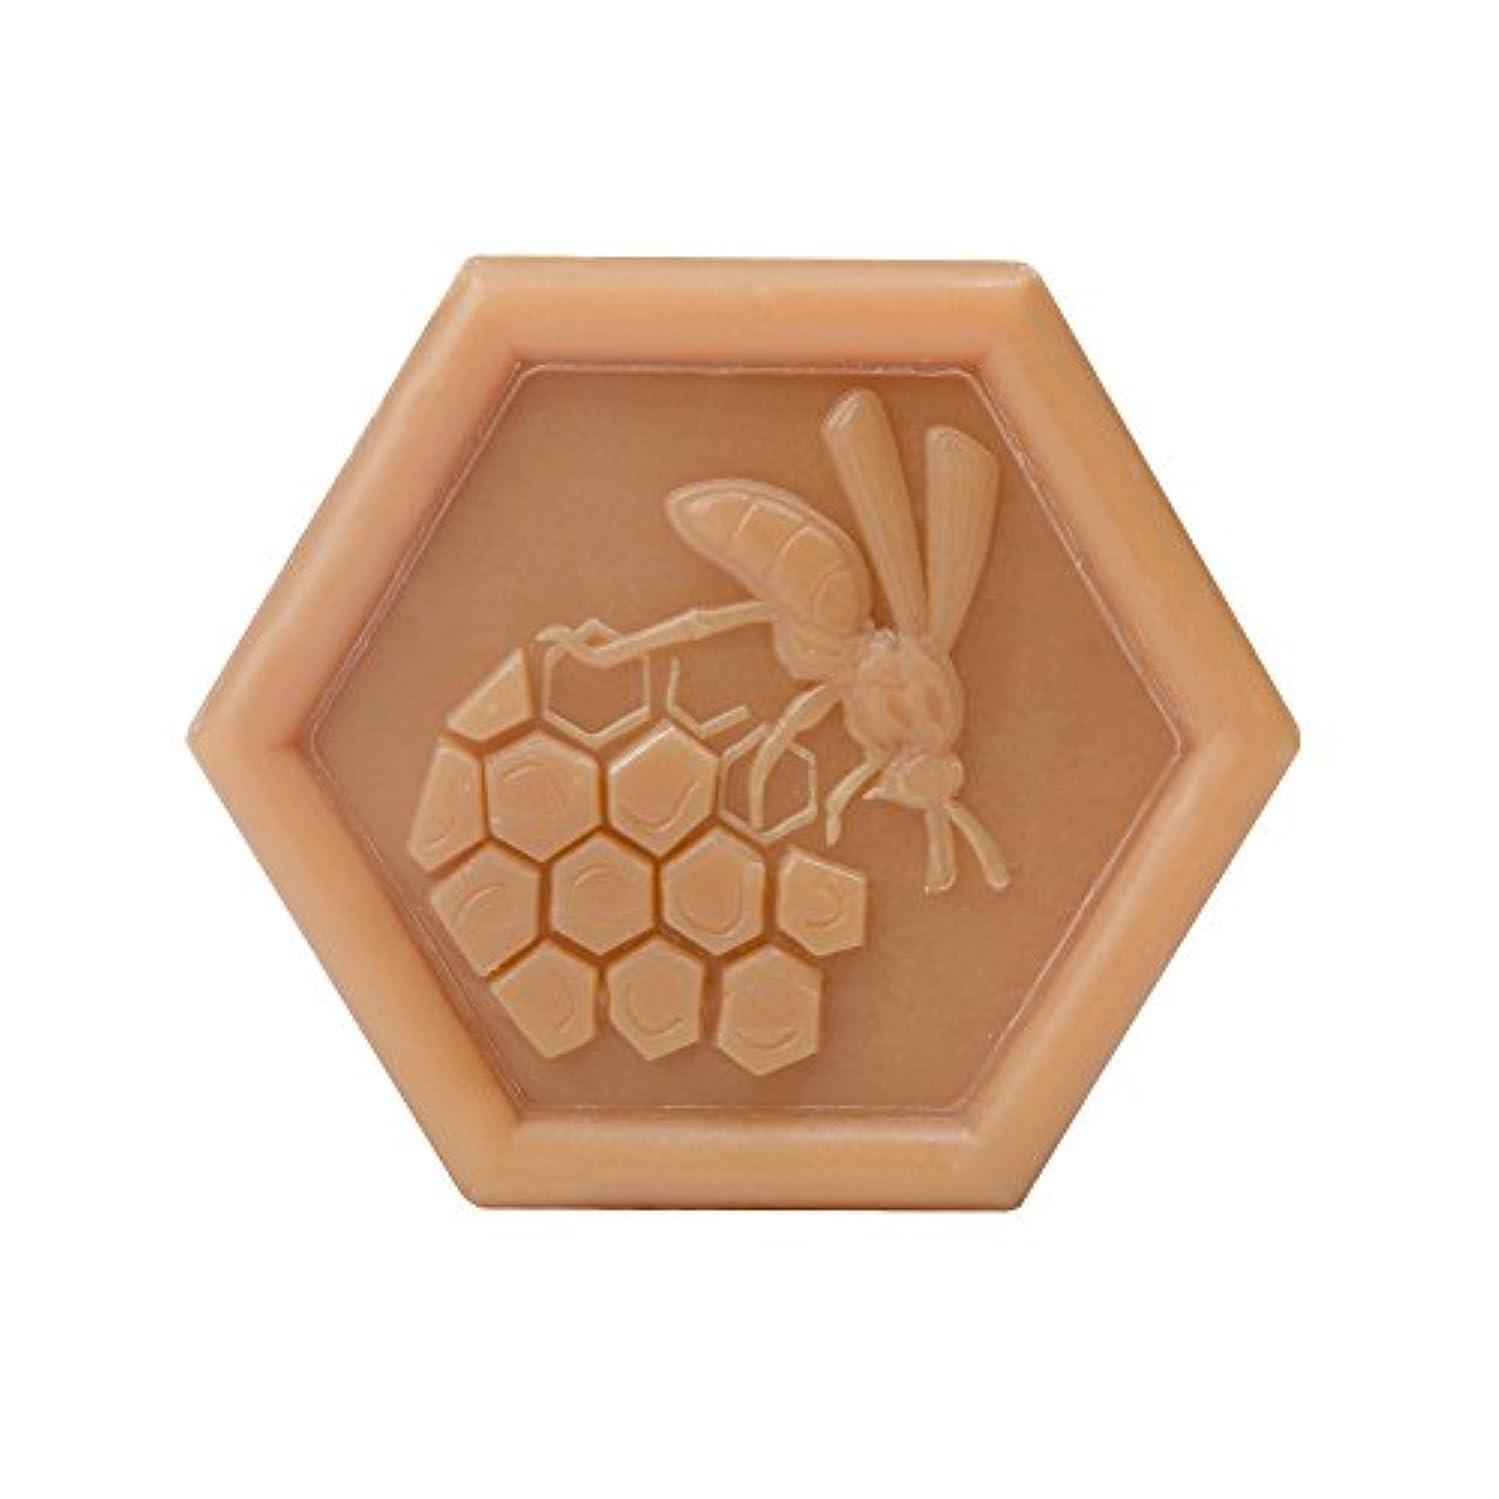 Plantes&Parfums [プランツ&パルファム] ハニーソープ100g ミツロウ